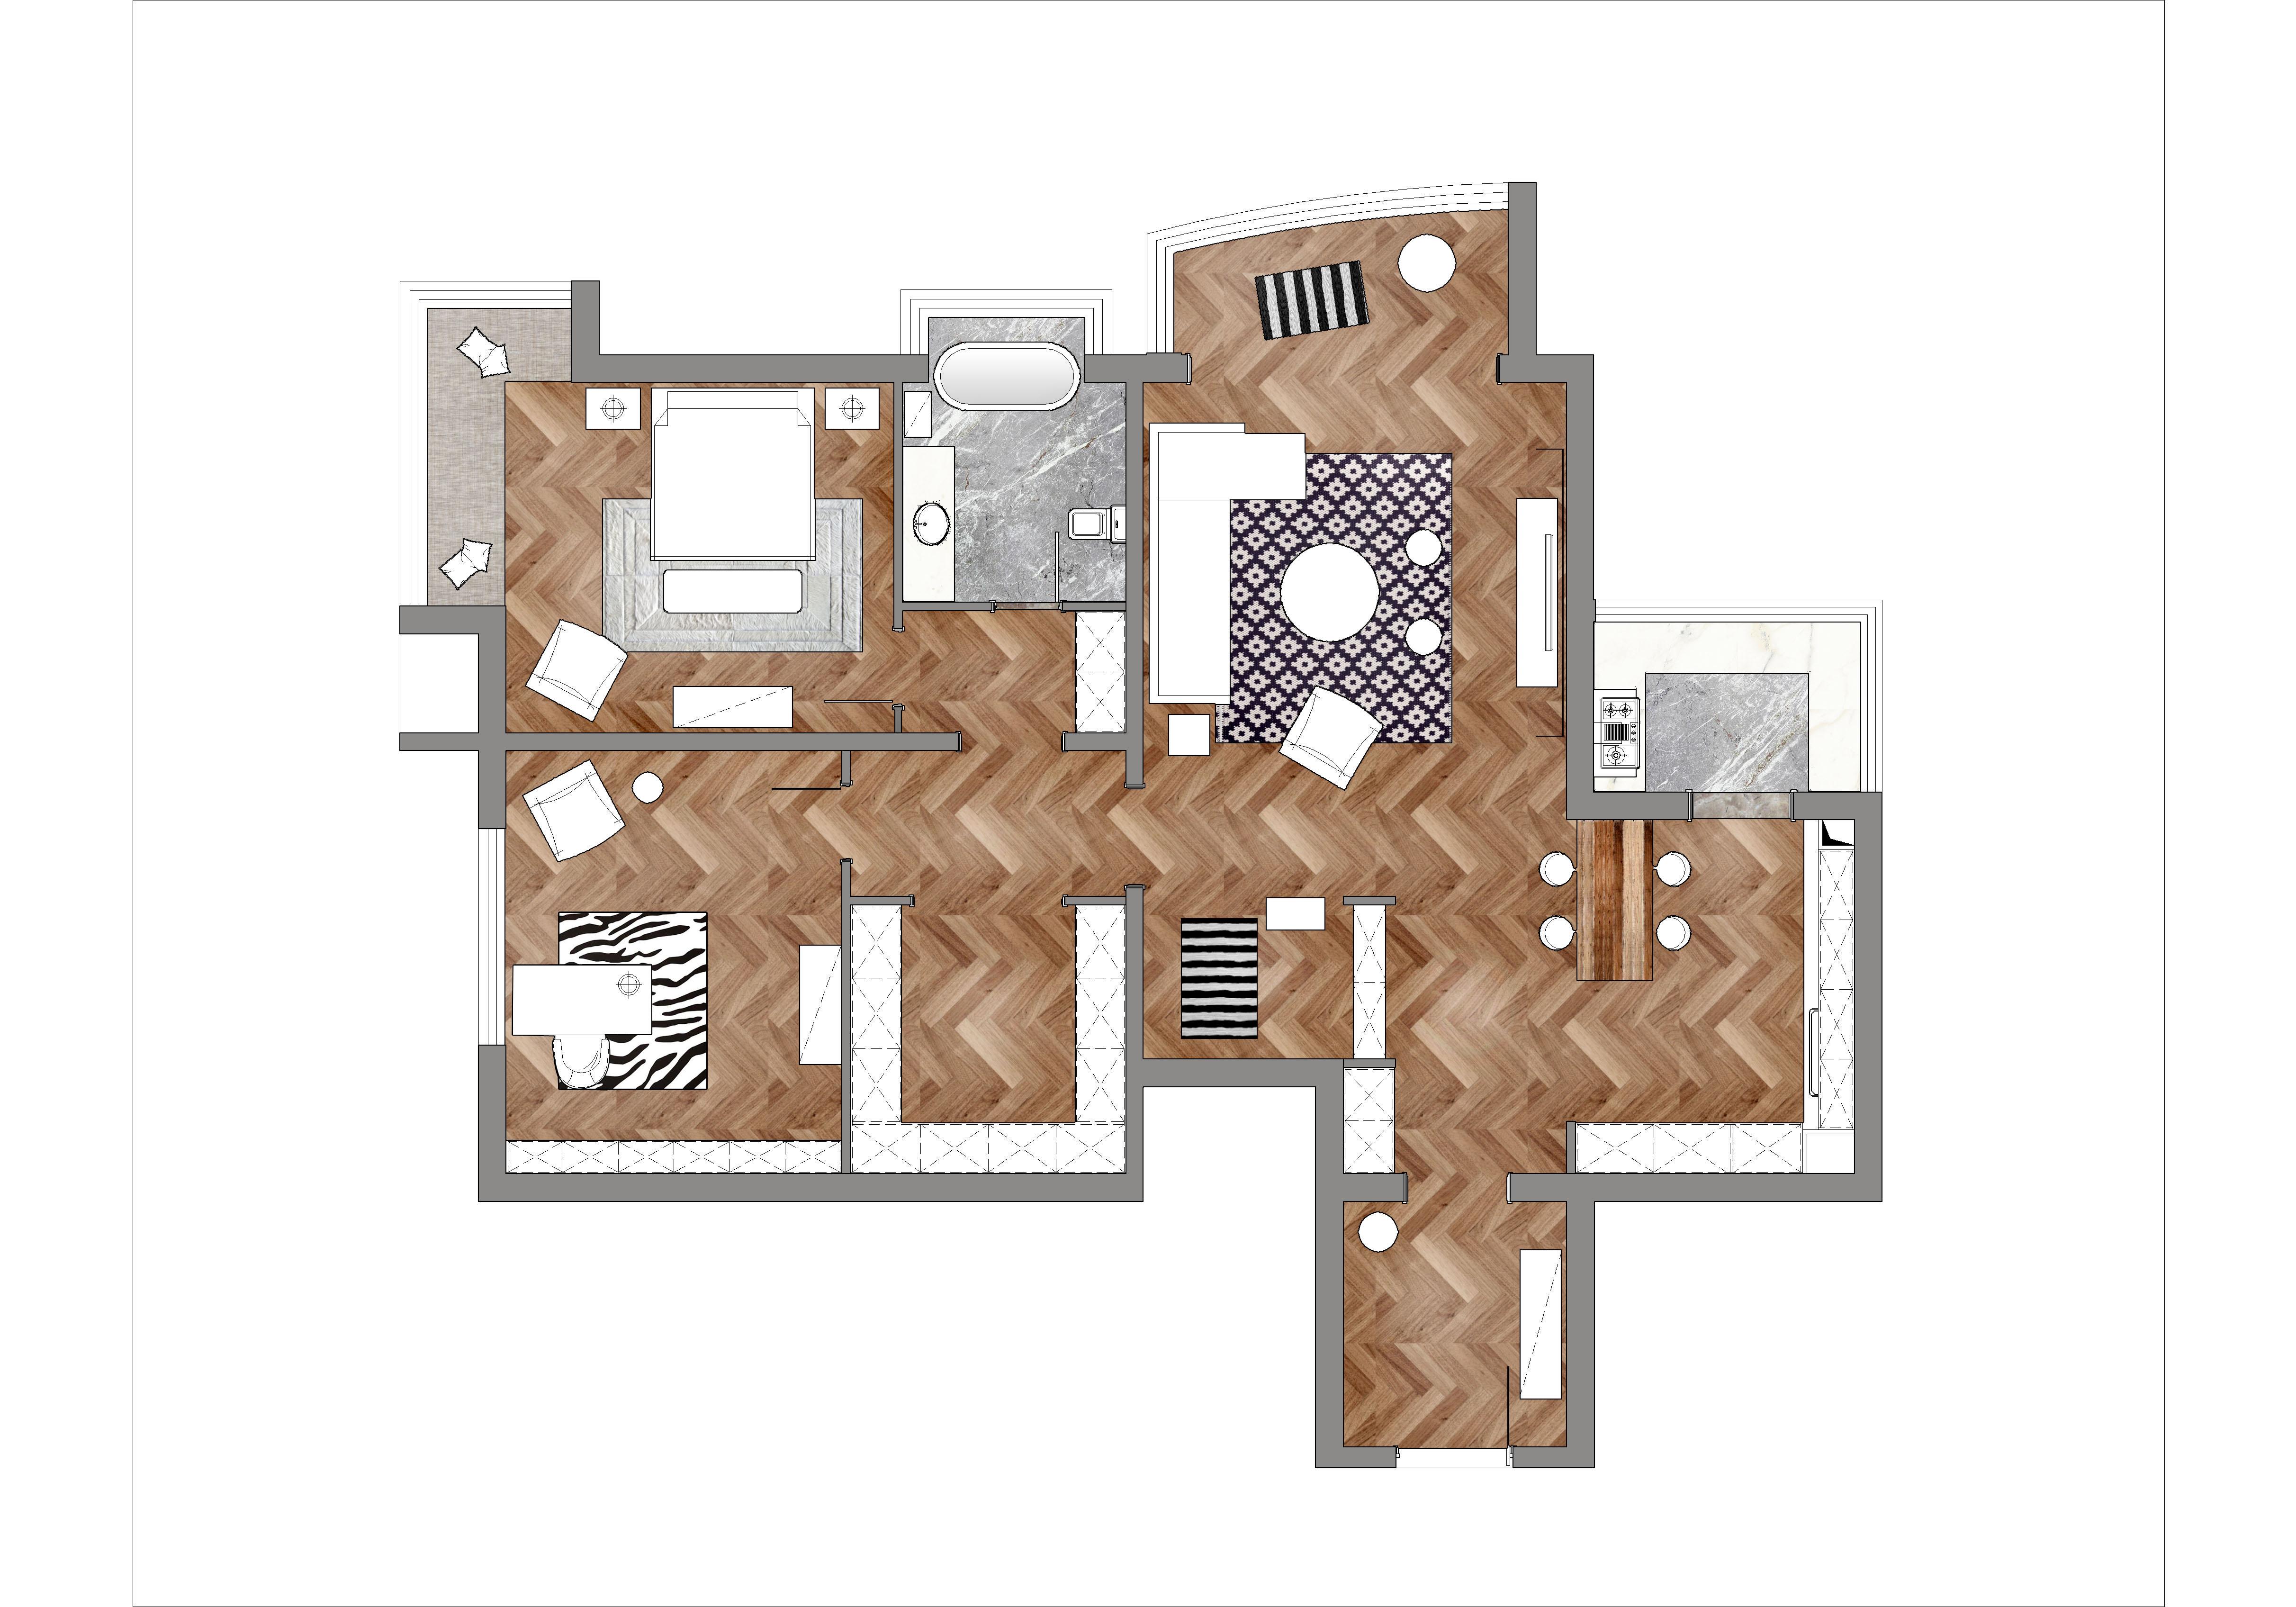 滨河世家 混搭风格 120平米装修设计理念